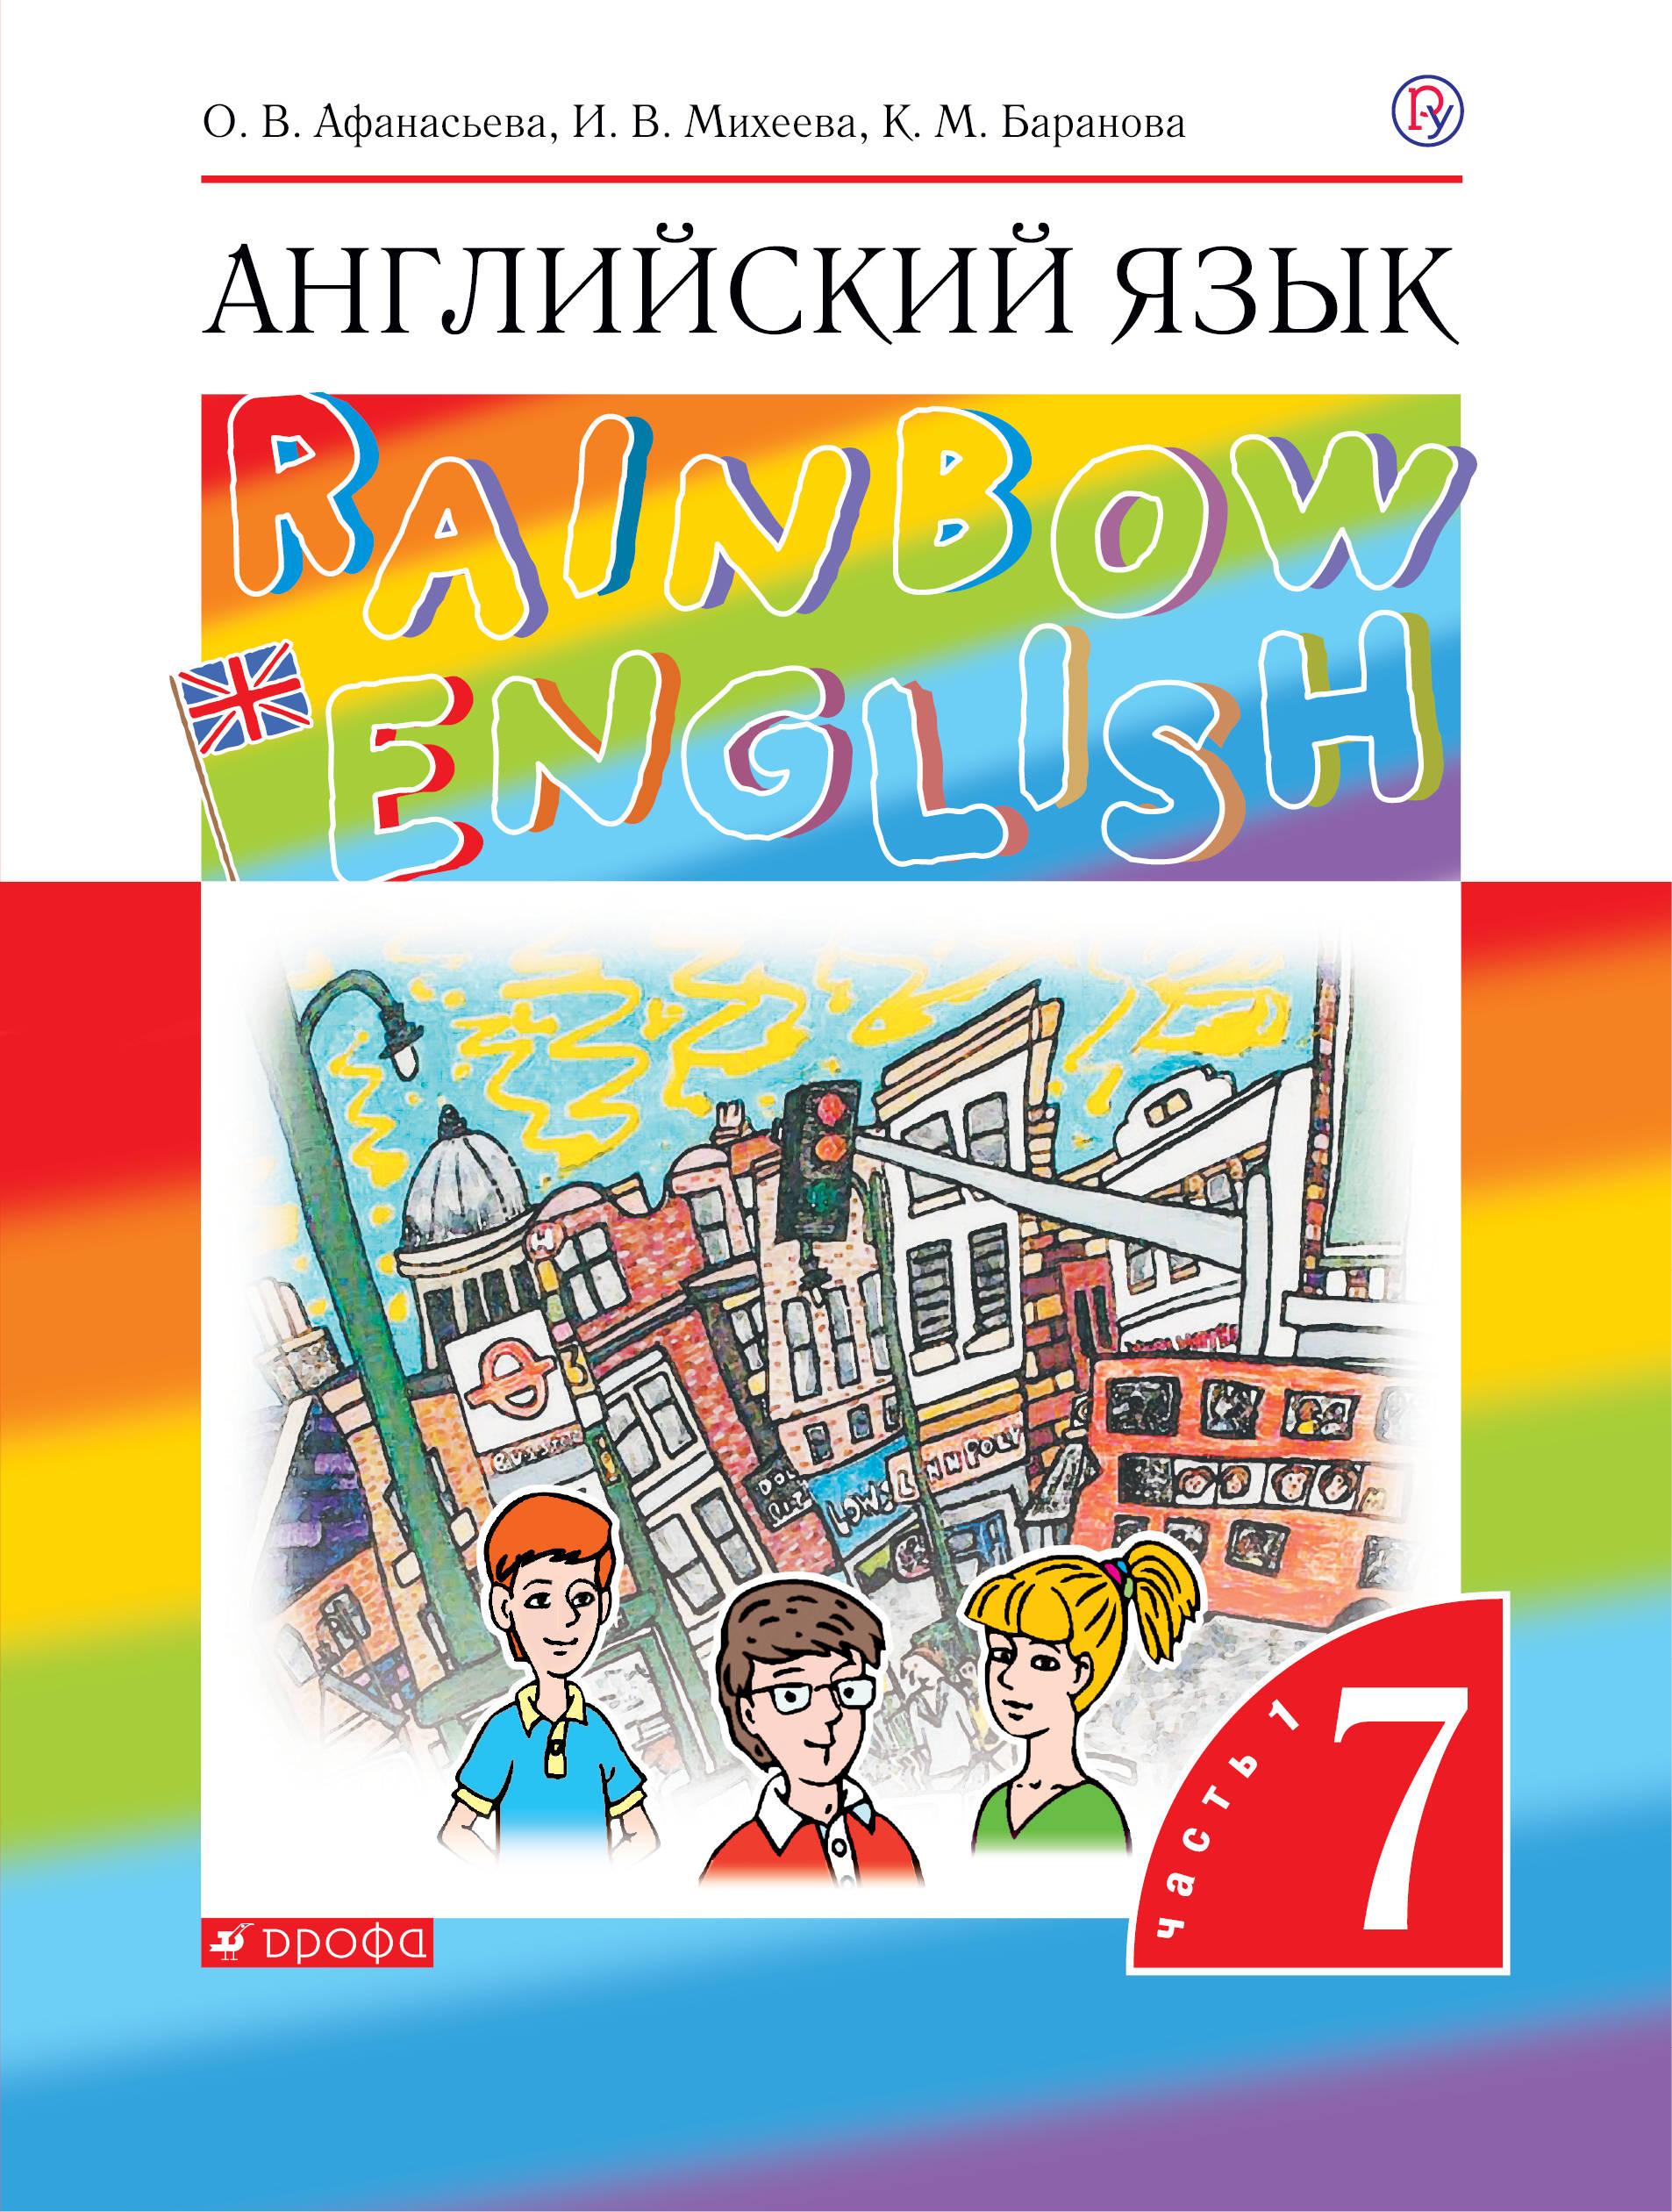 О. В. Афанасьева,И. В. Михеева,К. М. Баранова Английский язык. 7 класс. Учебник в 2-х частях. Часть 1